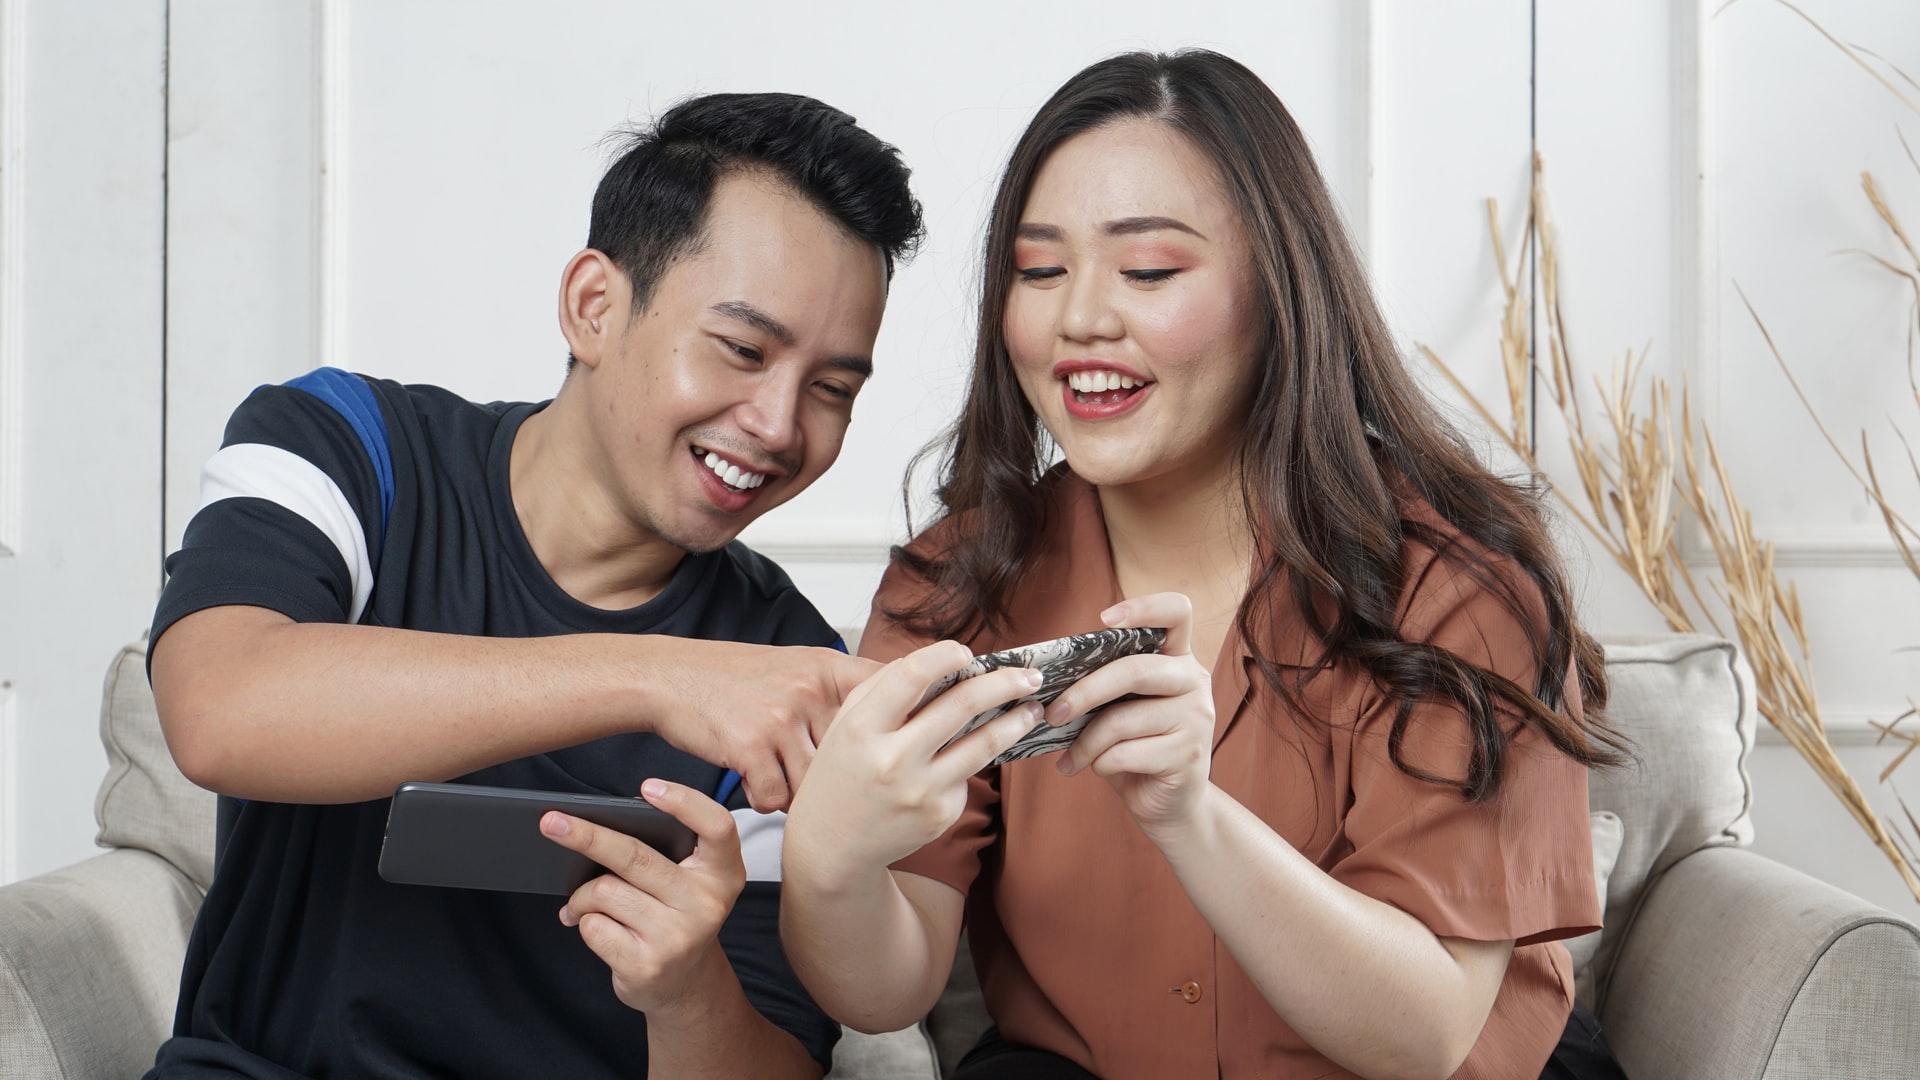 80Go à 15euros : ce forfait mobile vous permet de profiter de la TV sur votre smartphone